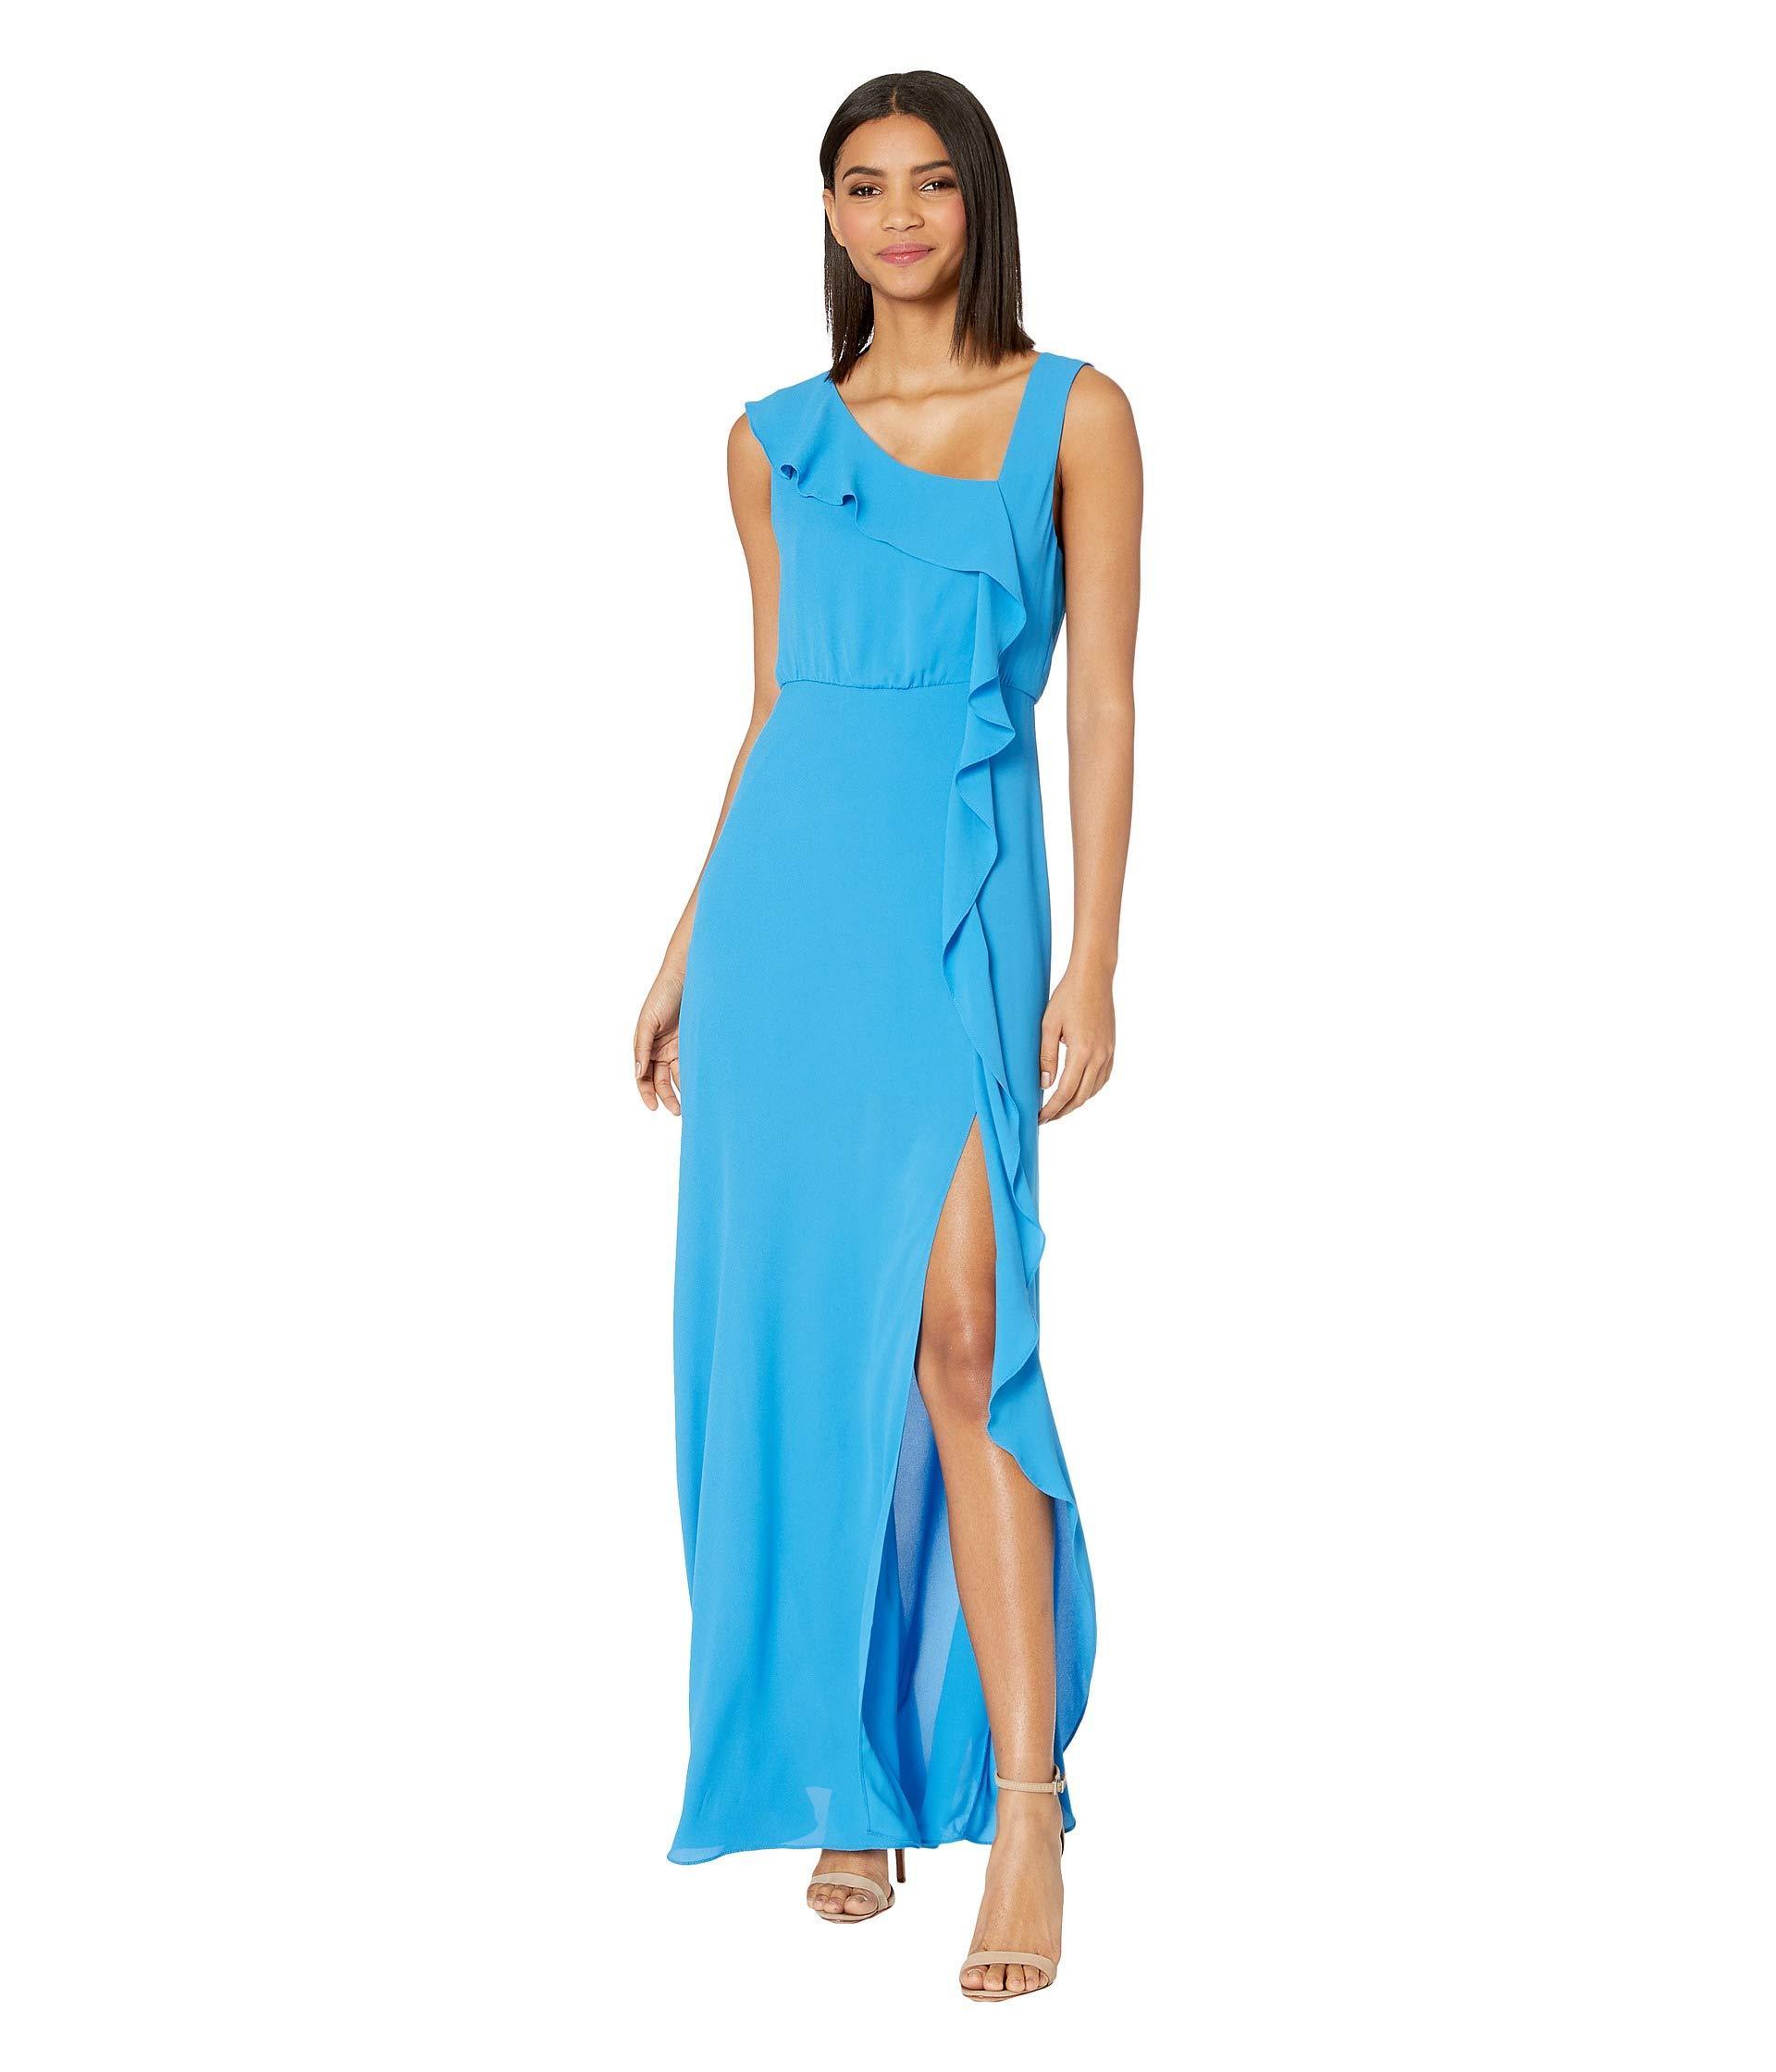 bd081d3dfdbde8 BCBGMAXAZRIA Ruffle Front Evening Gown (french Blue) Women's Dress ...